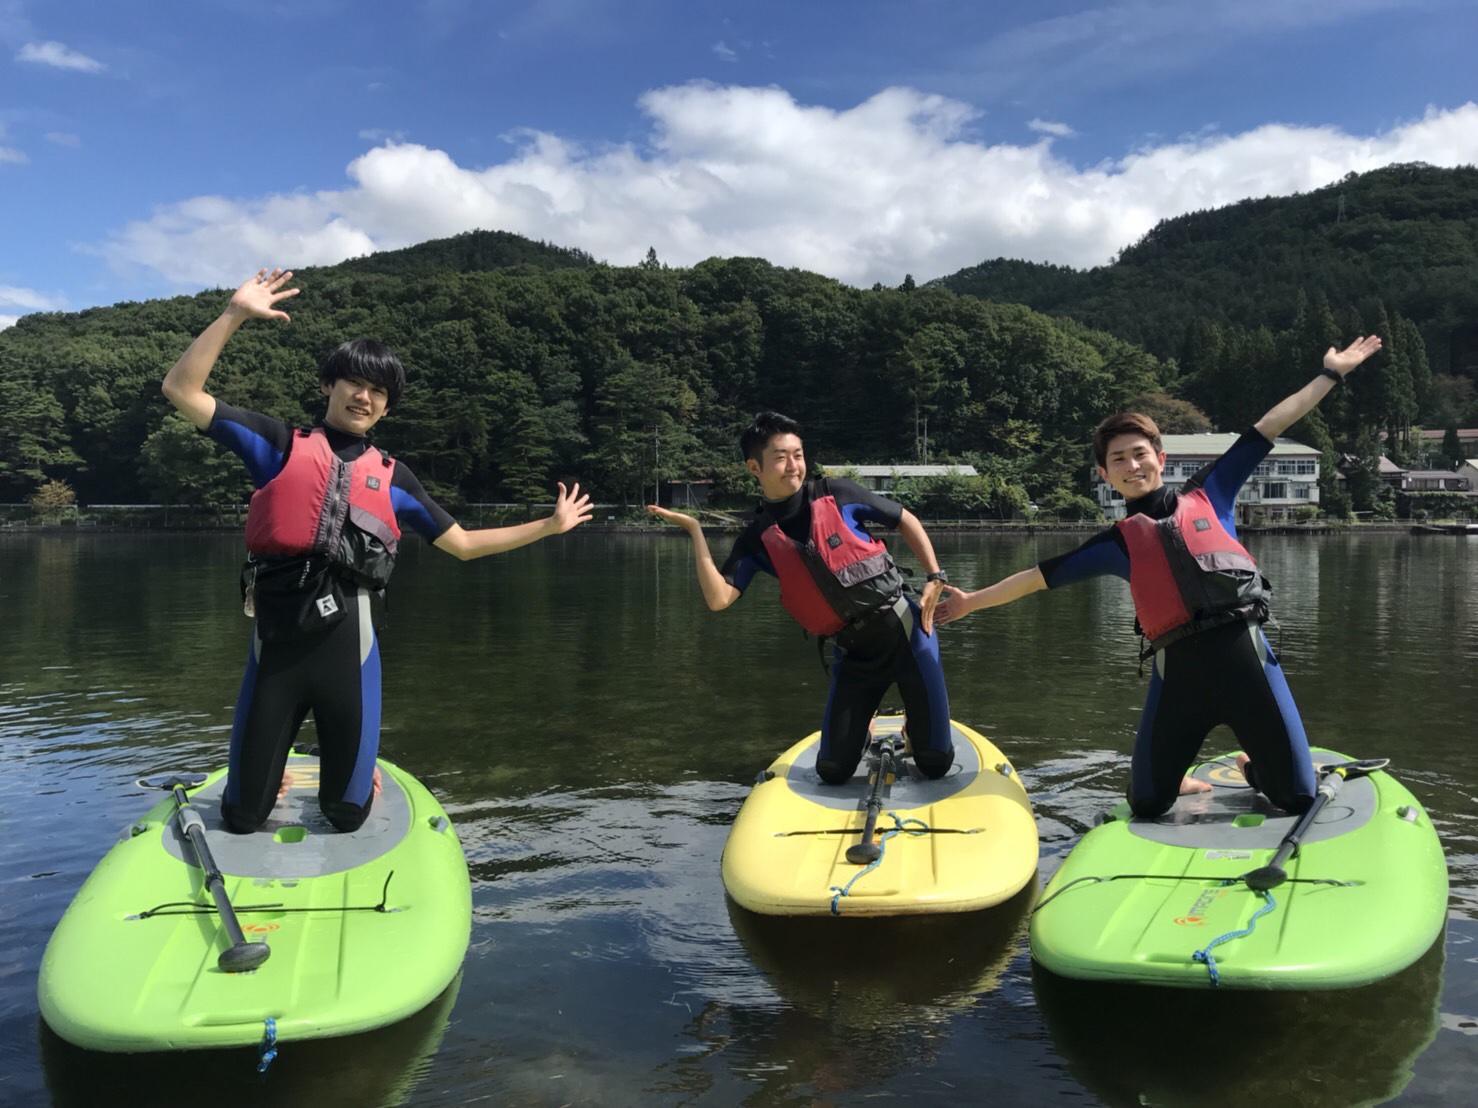 木崎湖ワカサギ釣り&サップ二本立て遊びにお越しいただきました!